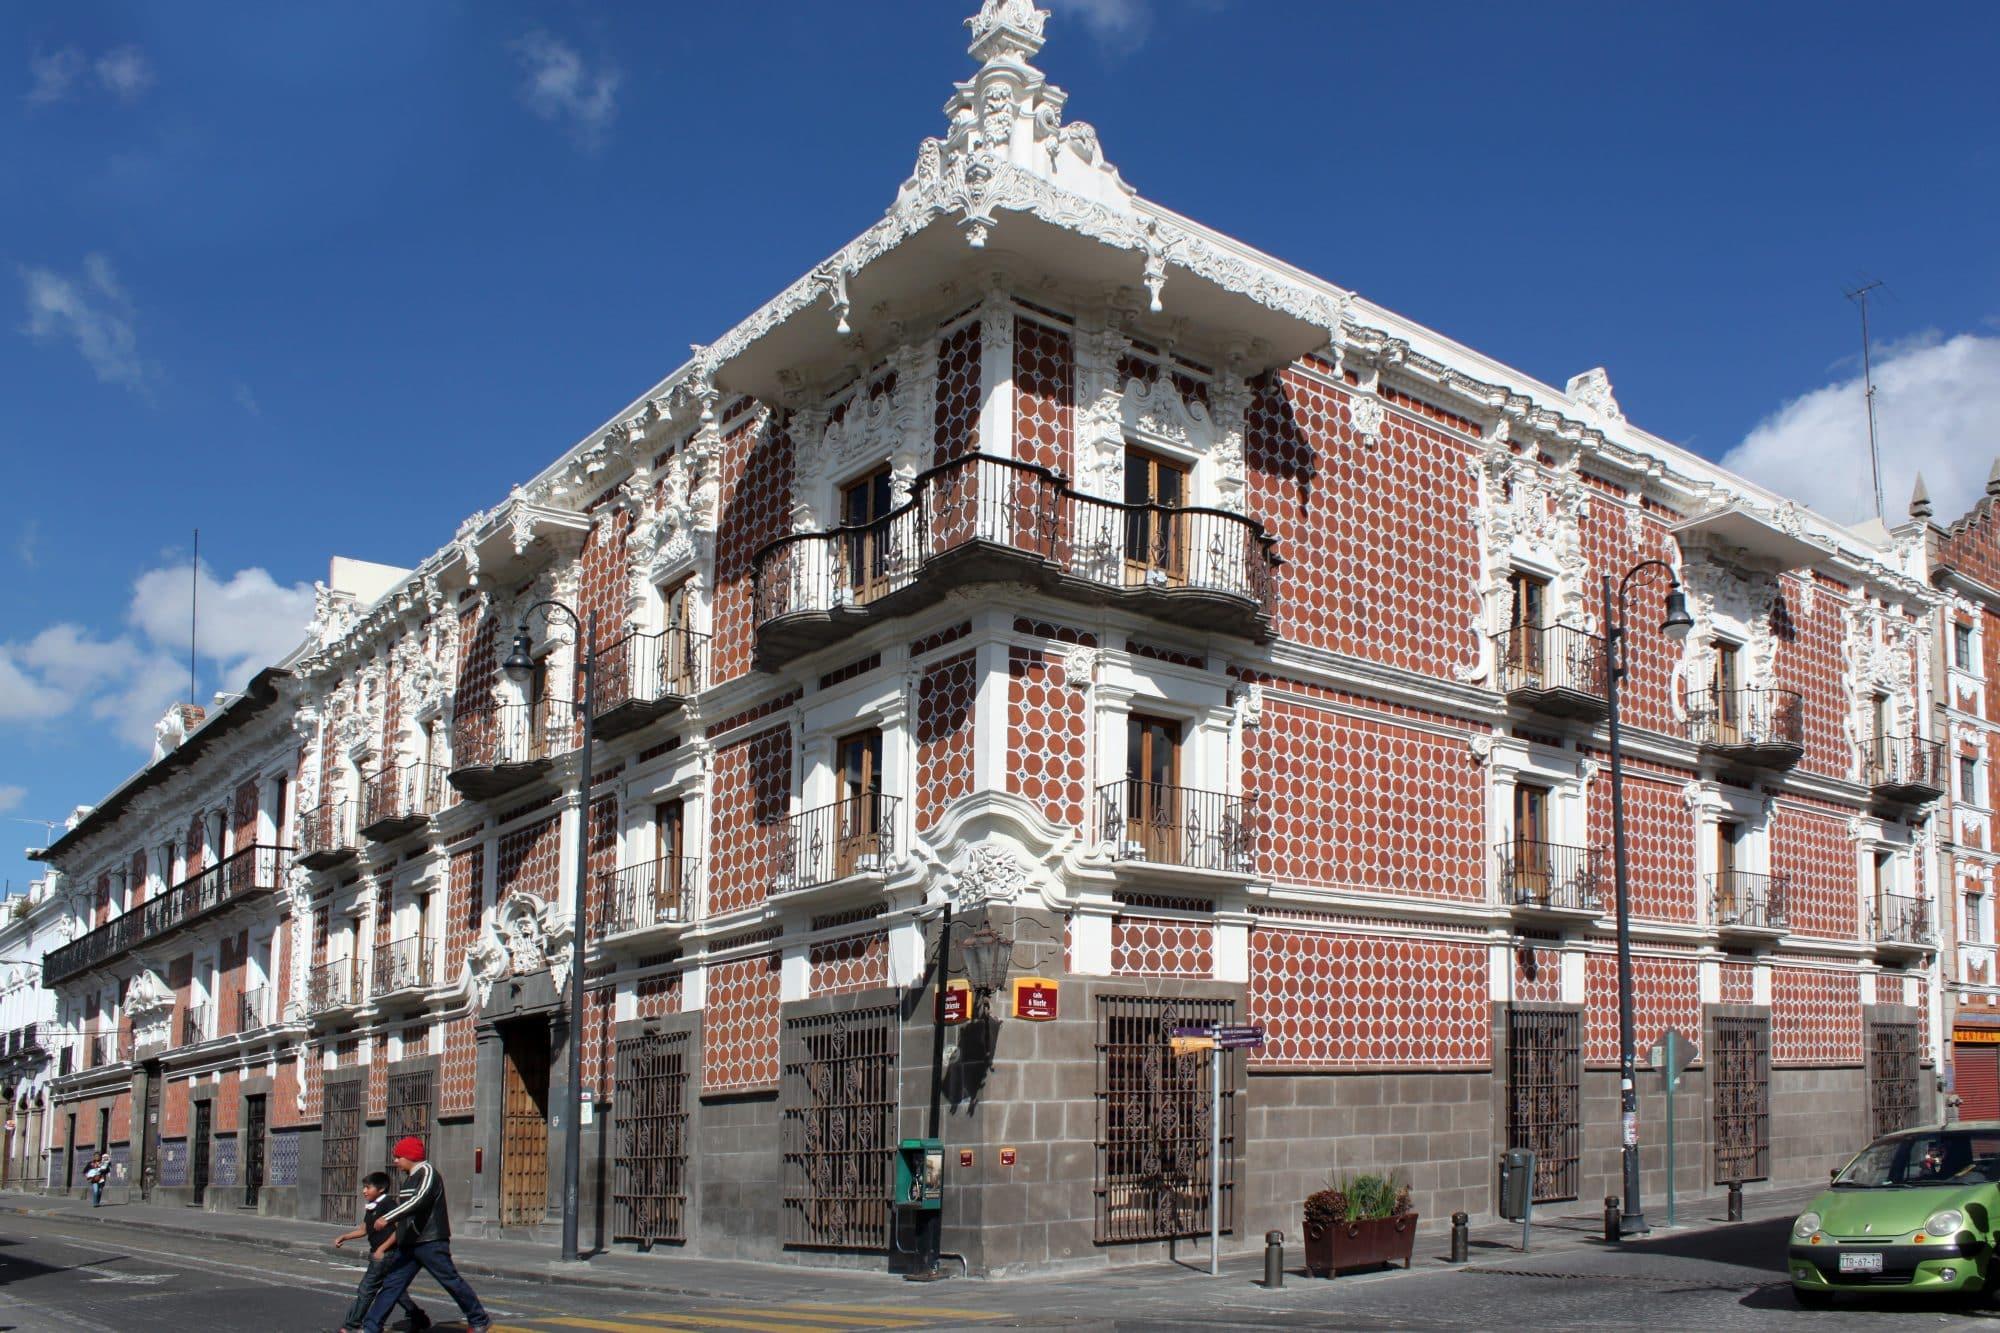 C noce la casa de alfe ique el primer museo de puebla for Casa de los azulejos puebla